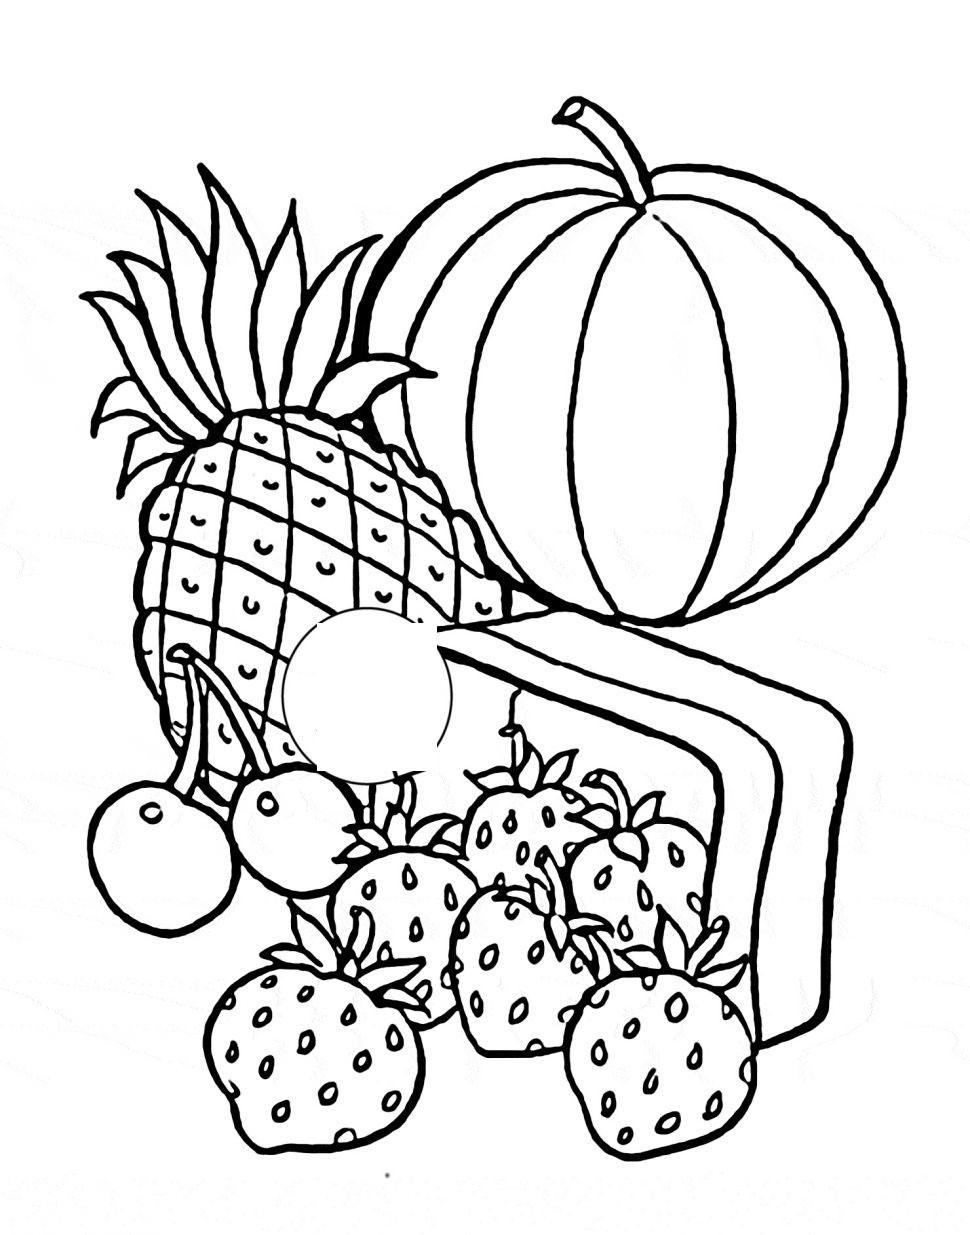 Tranh tô màu hoa quả trái cây